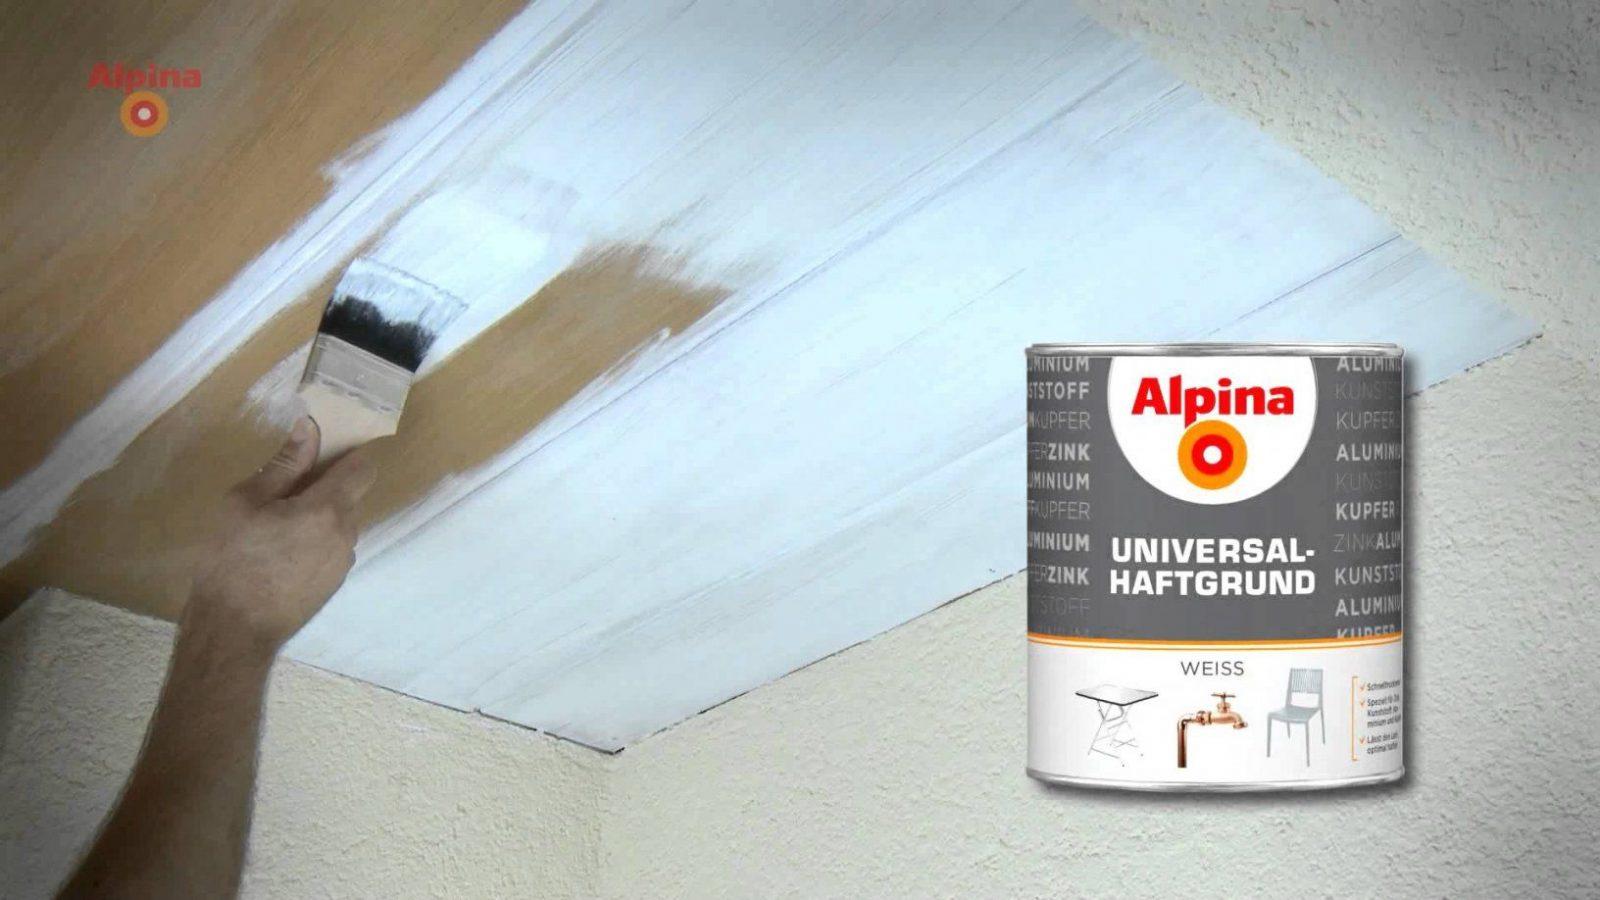 Alpina Farben  Holzdecke Lackieren  Youtube von Holzdecke Weiß Streichen Sprühen Bild